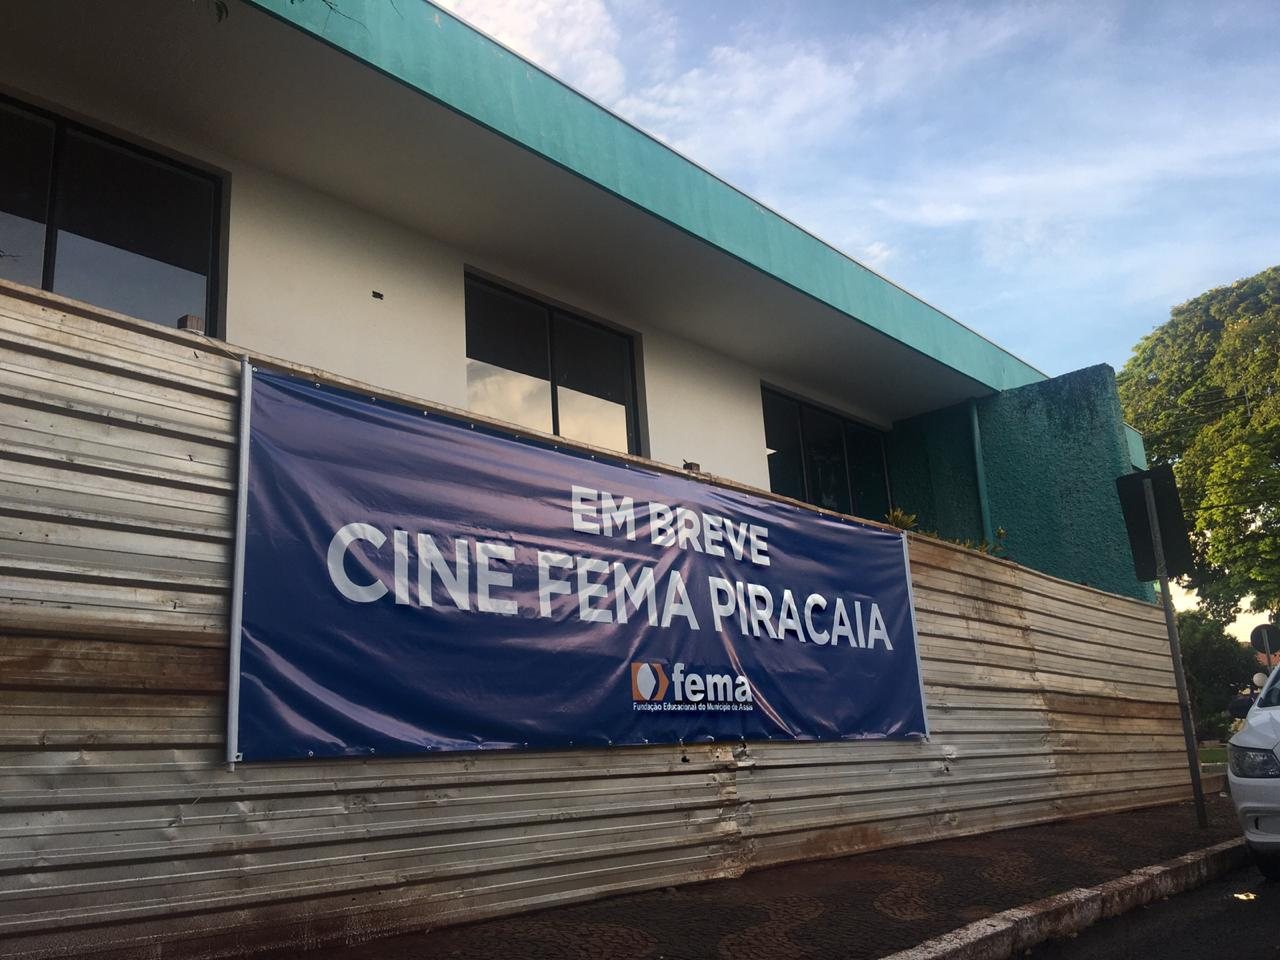 FEMA inicia reforma do cinema municipal (Foto: Glauciana Nunes)